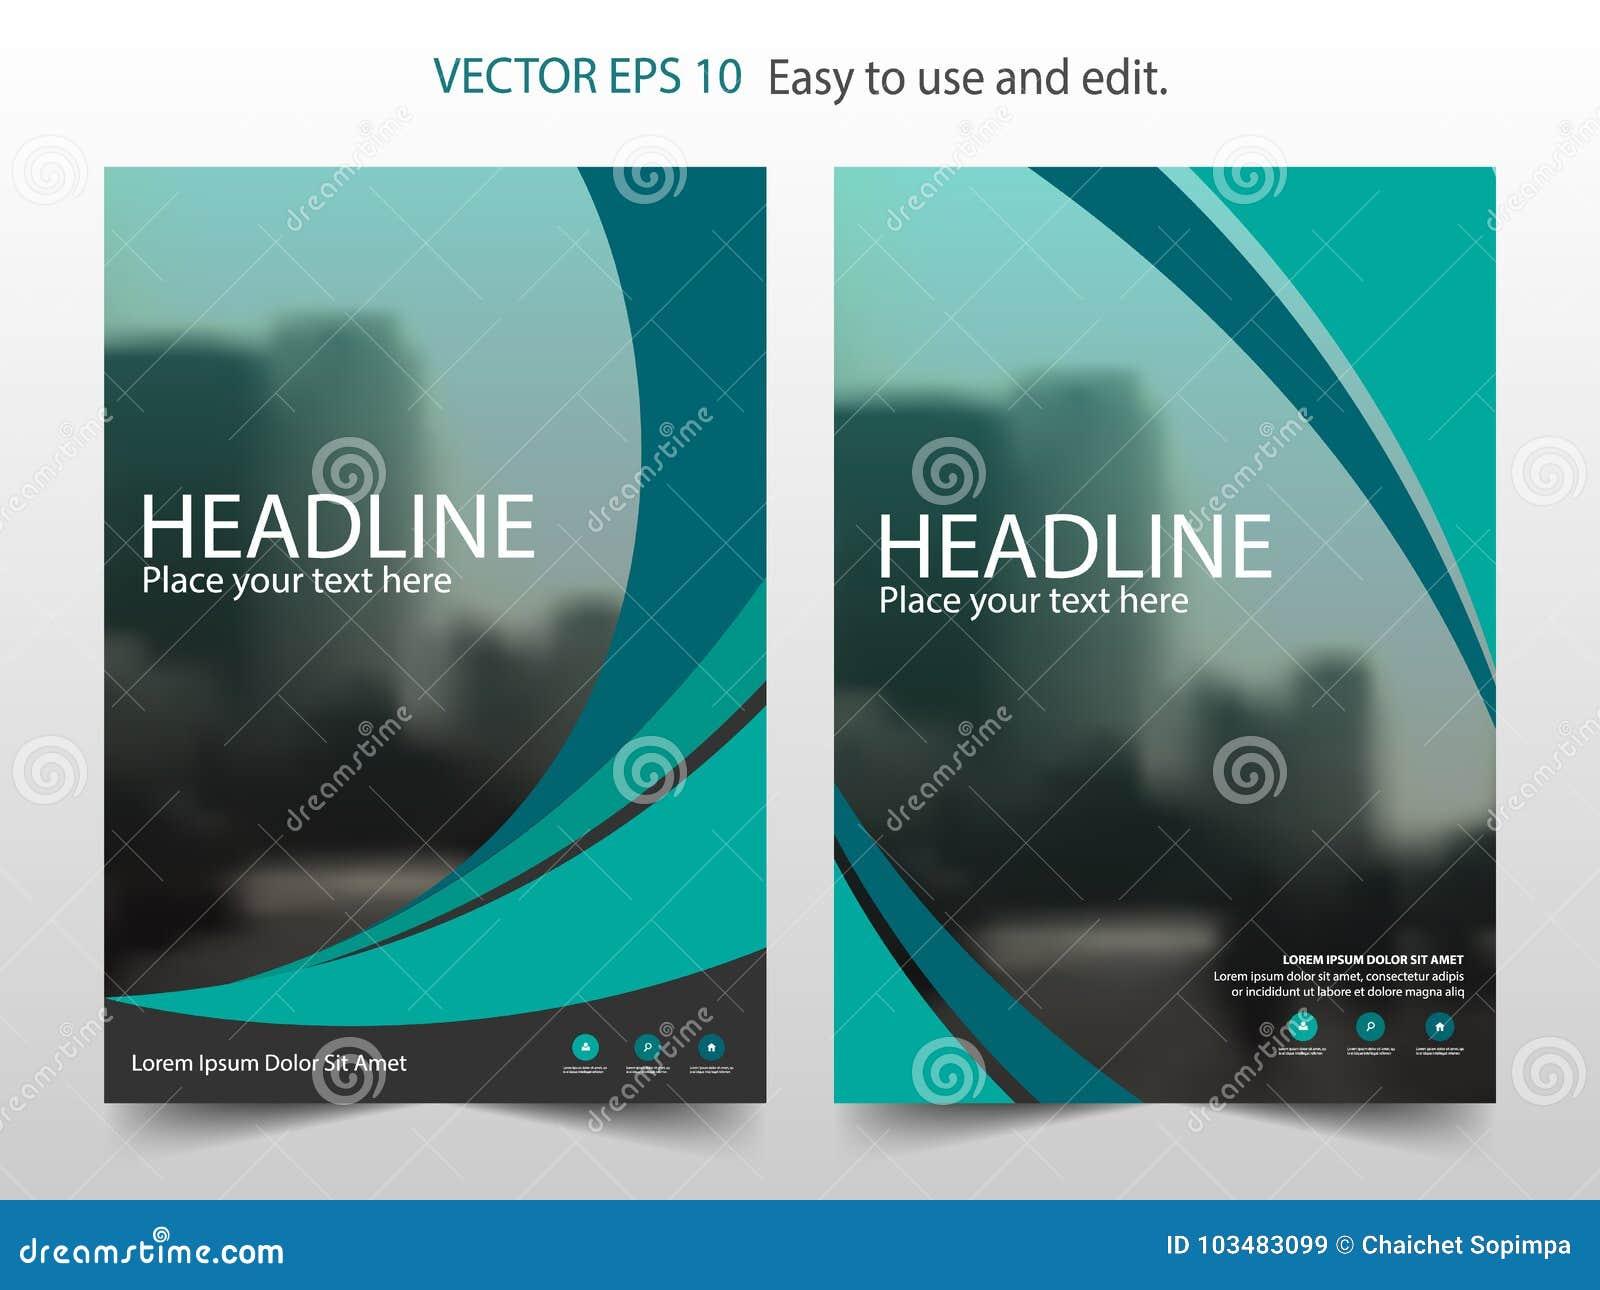 Πράσινο αφηρημένο διάνυσμα προτύπων σχεδίου ετήσια εκθέσεων φυλλάδιων Infographic αφίσα περιοδικών επιχειρησιακών ιπτάμενων αφηρη